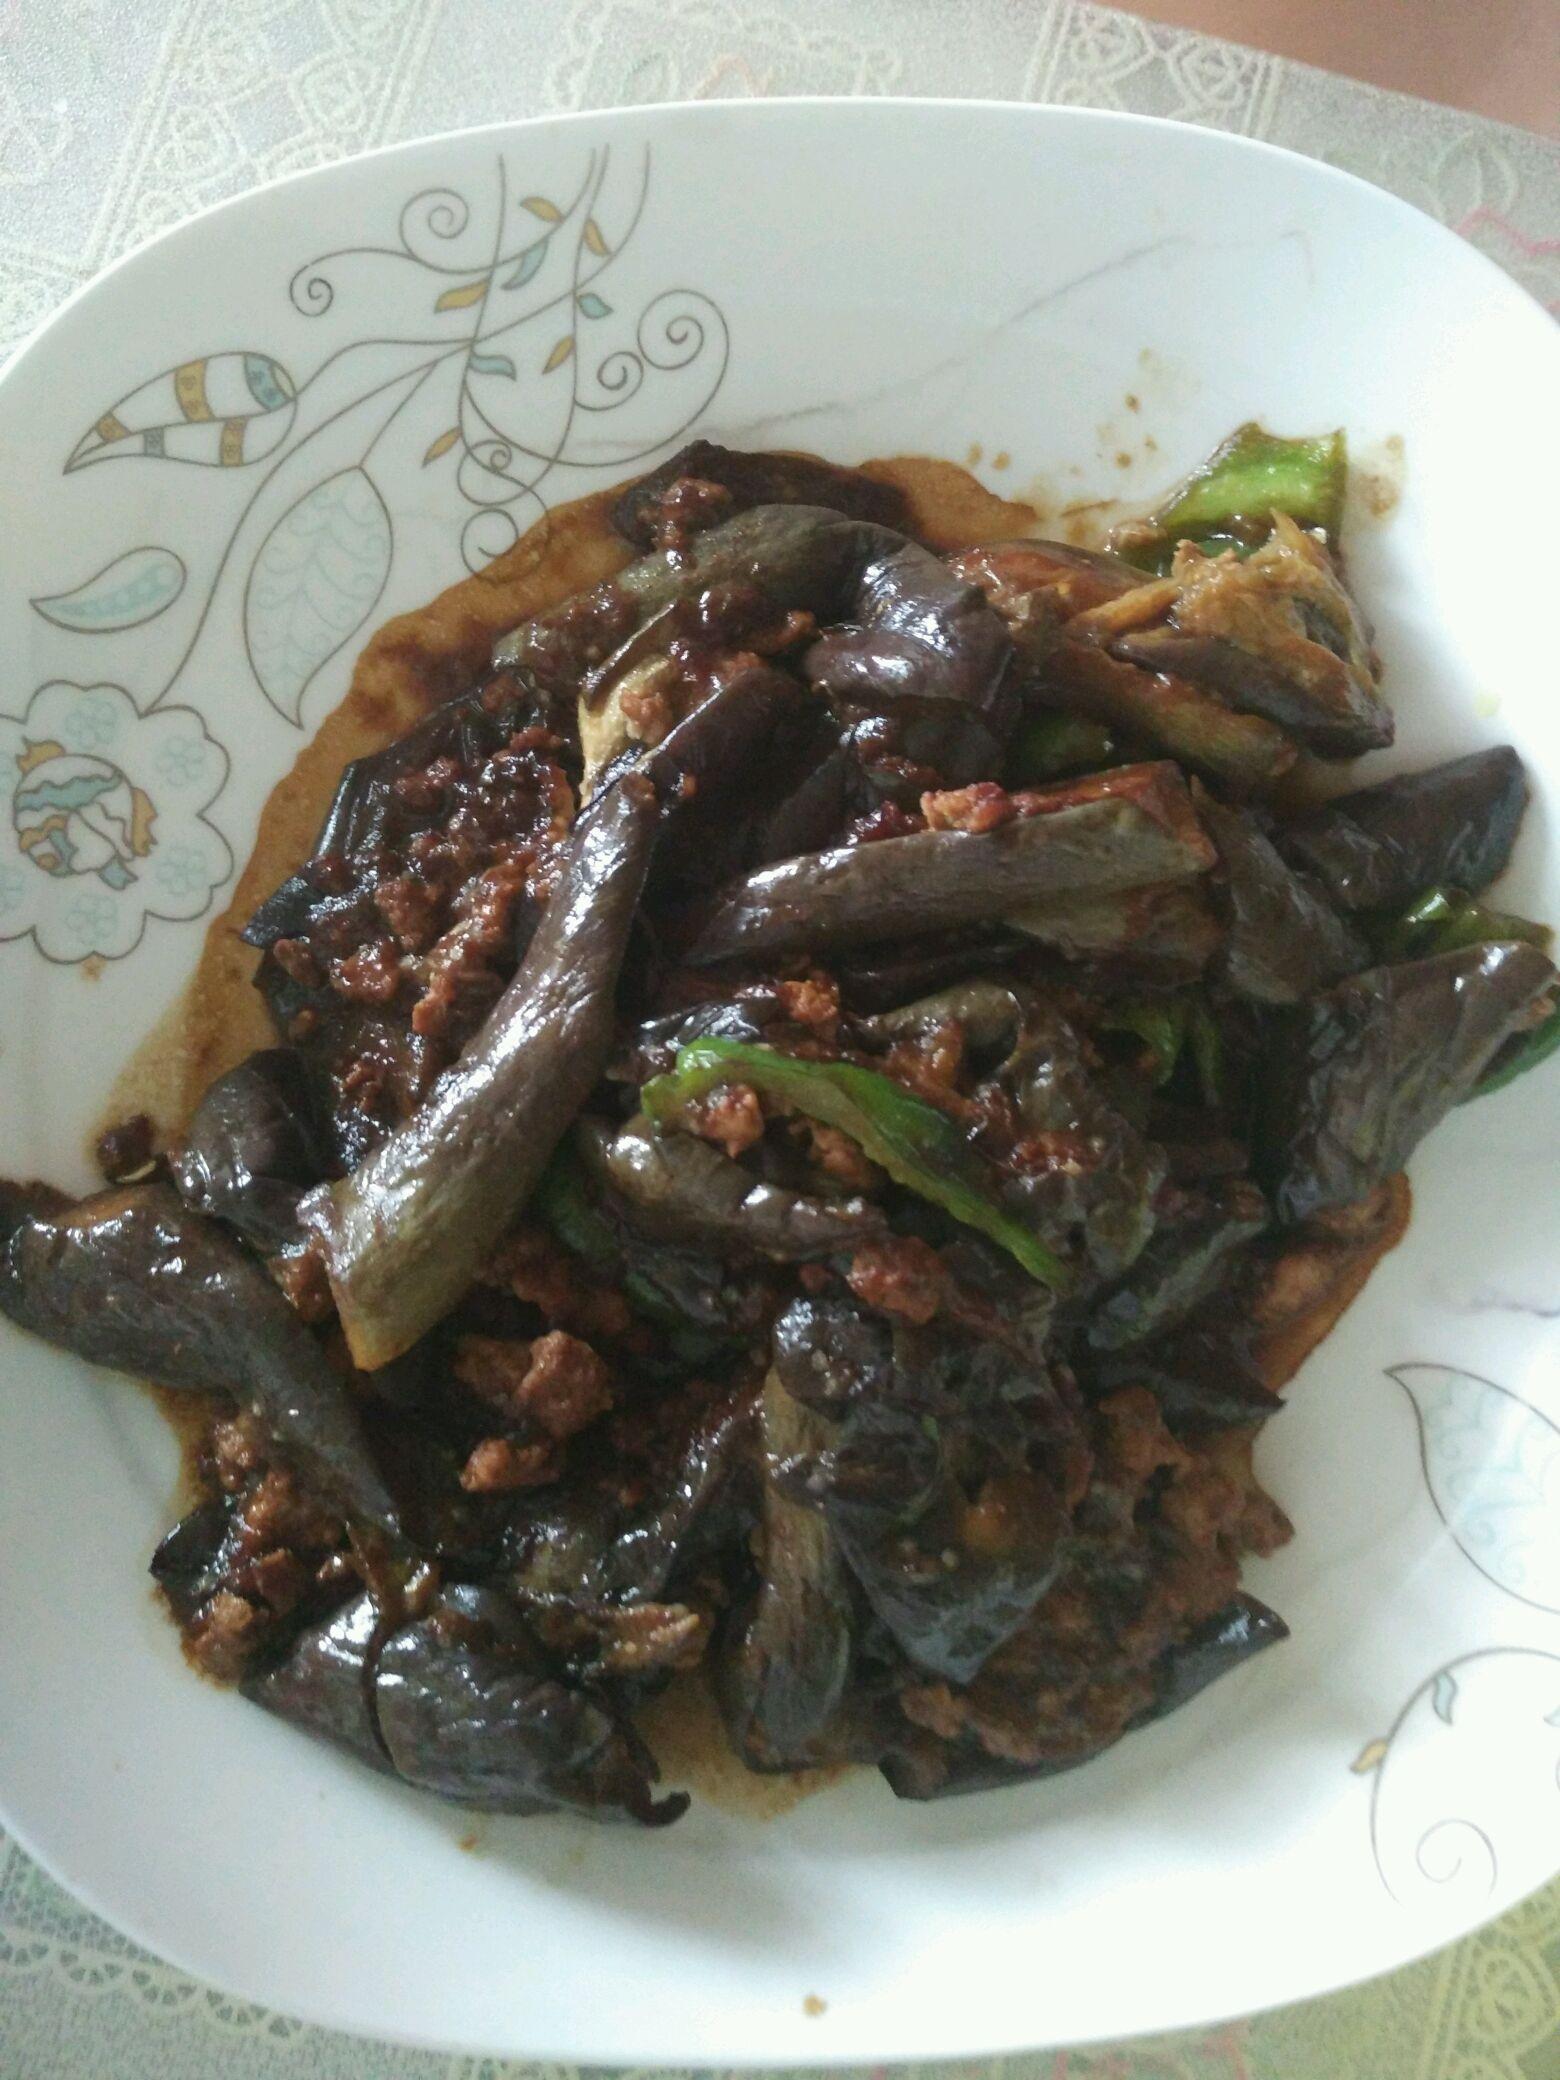 肉末茄子的做法步骤 4. 锅里放油,放大蒜泥炒香,加入肉泥炒熟